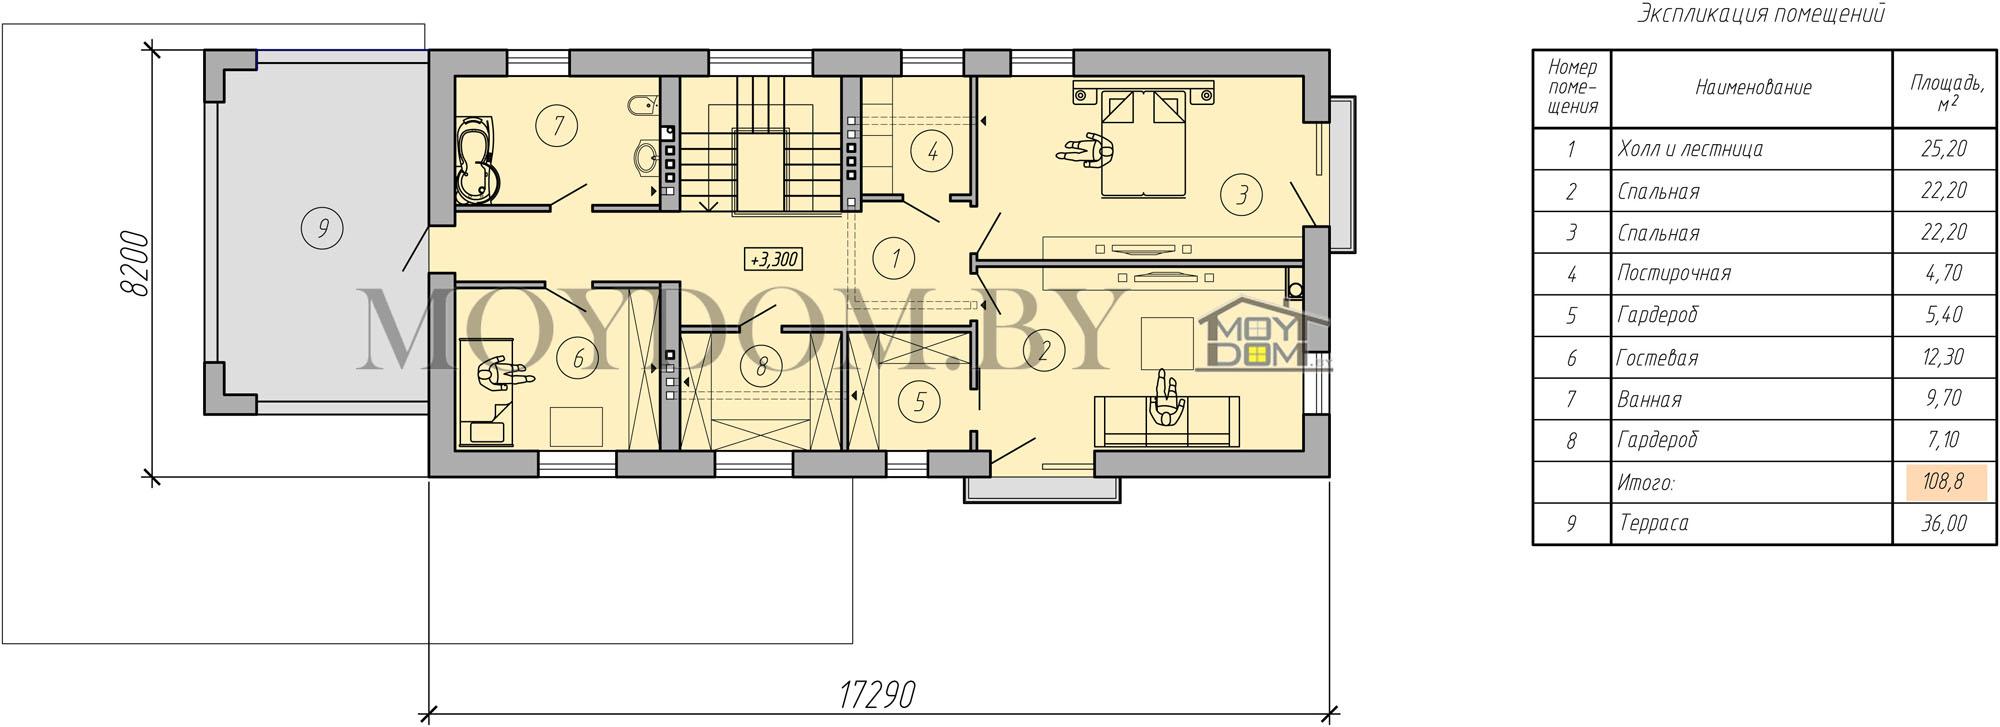 планировка двухэтажного дома в стиле хайтек второй этаж